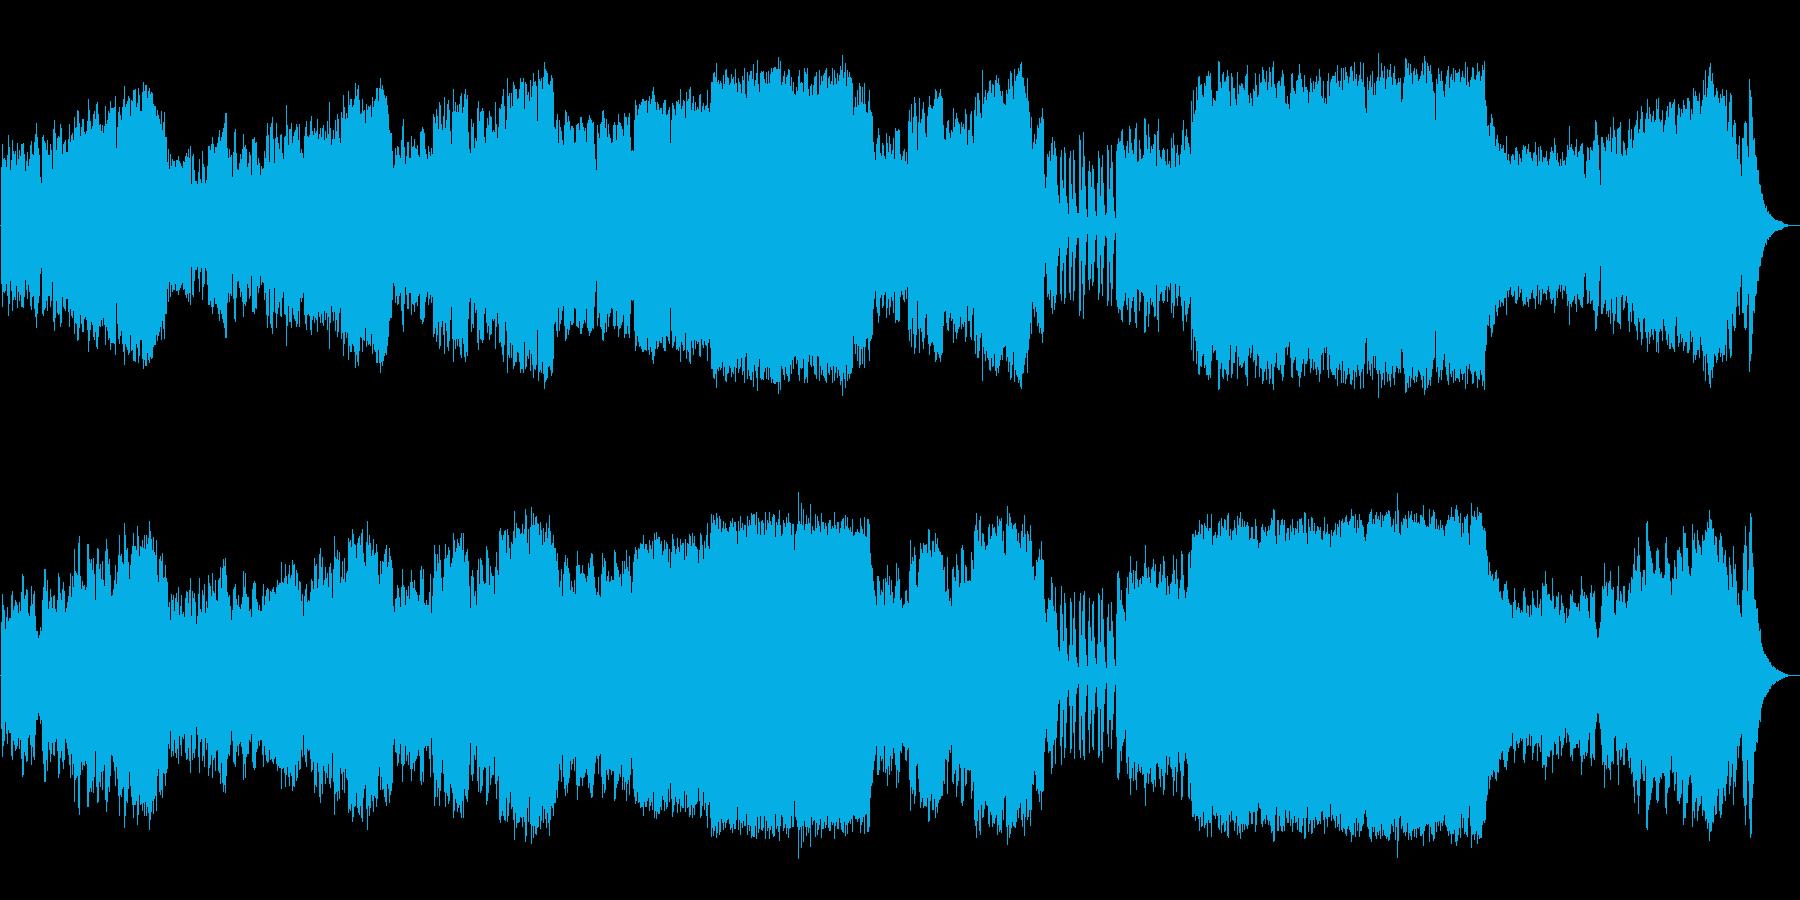 オーケストラにて使用される楽器群を使用…の再生済みの波形